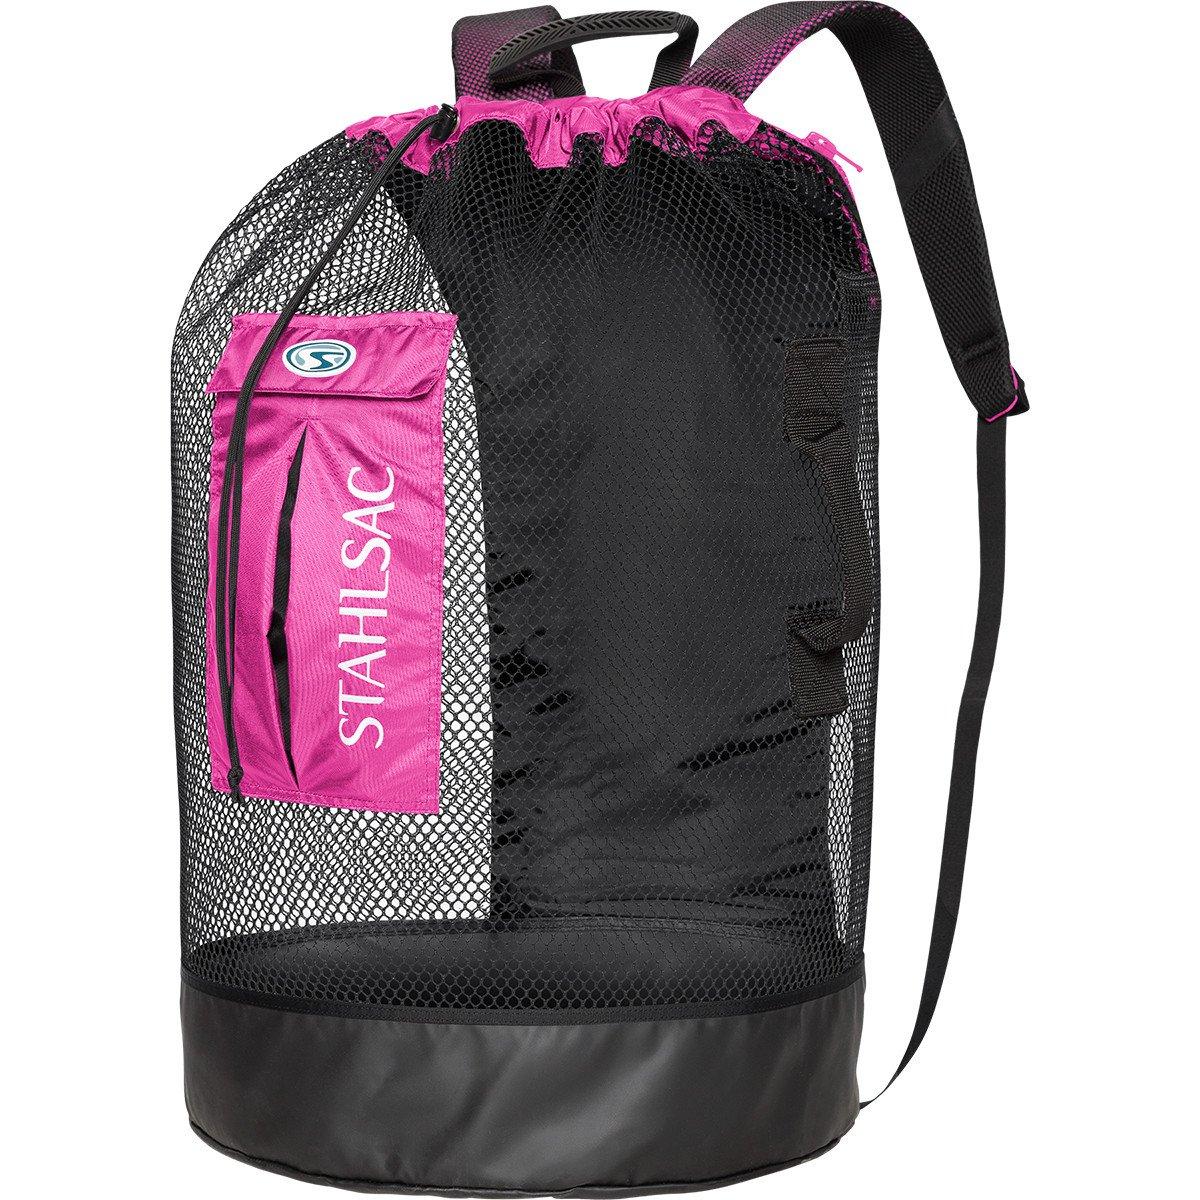 Bonaire Mesh Backpack PinkBAG 888923PNK